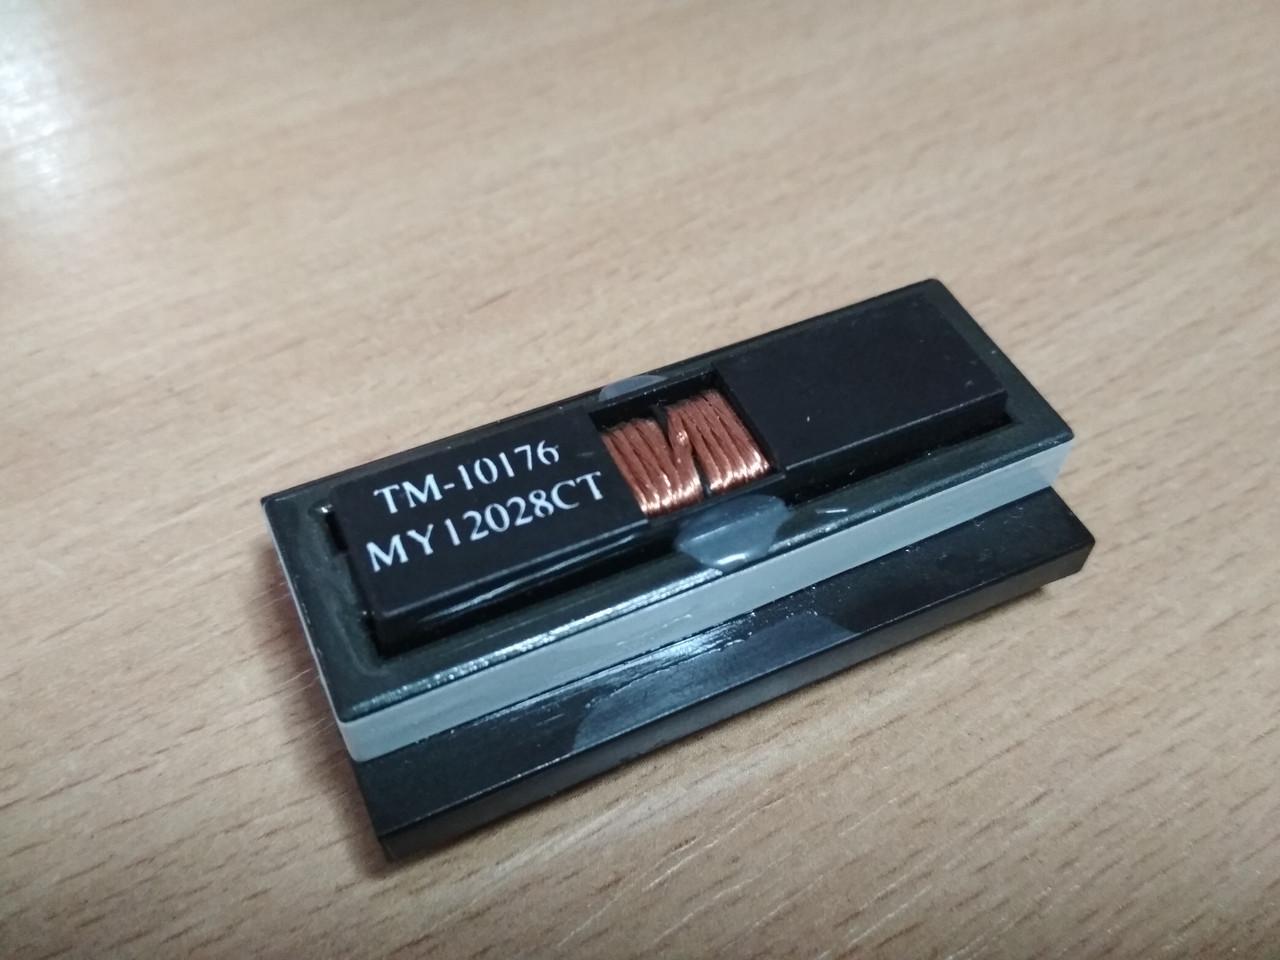 Трансформатор TM-10176 MY12028CT